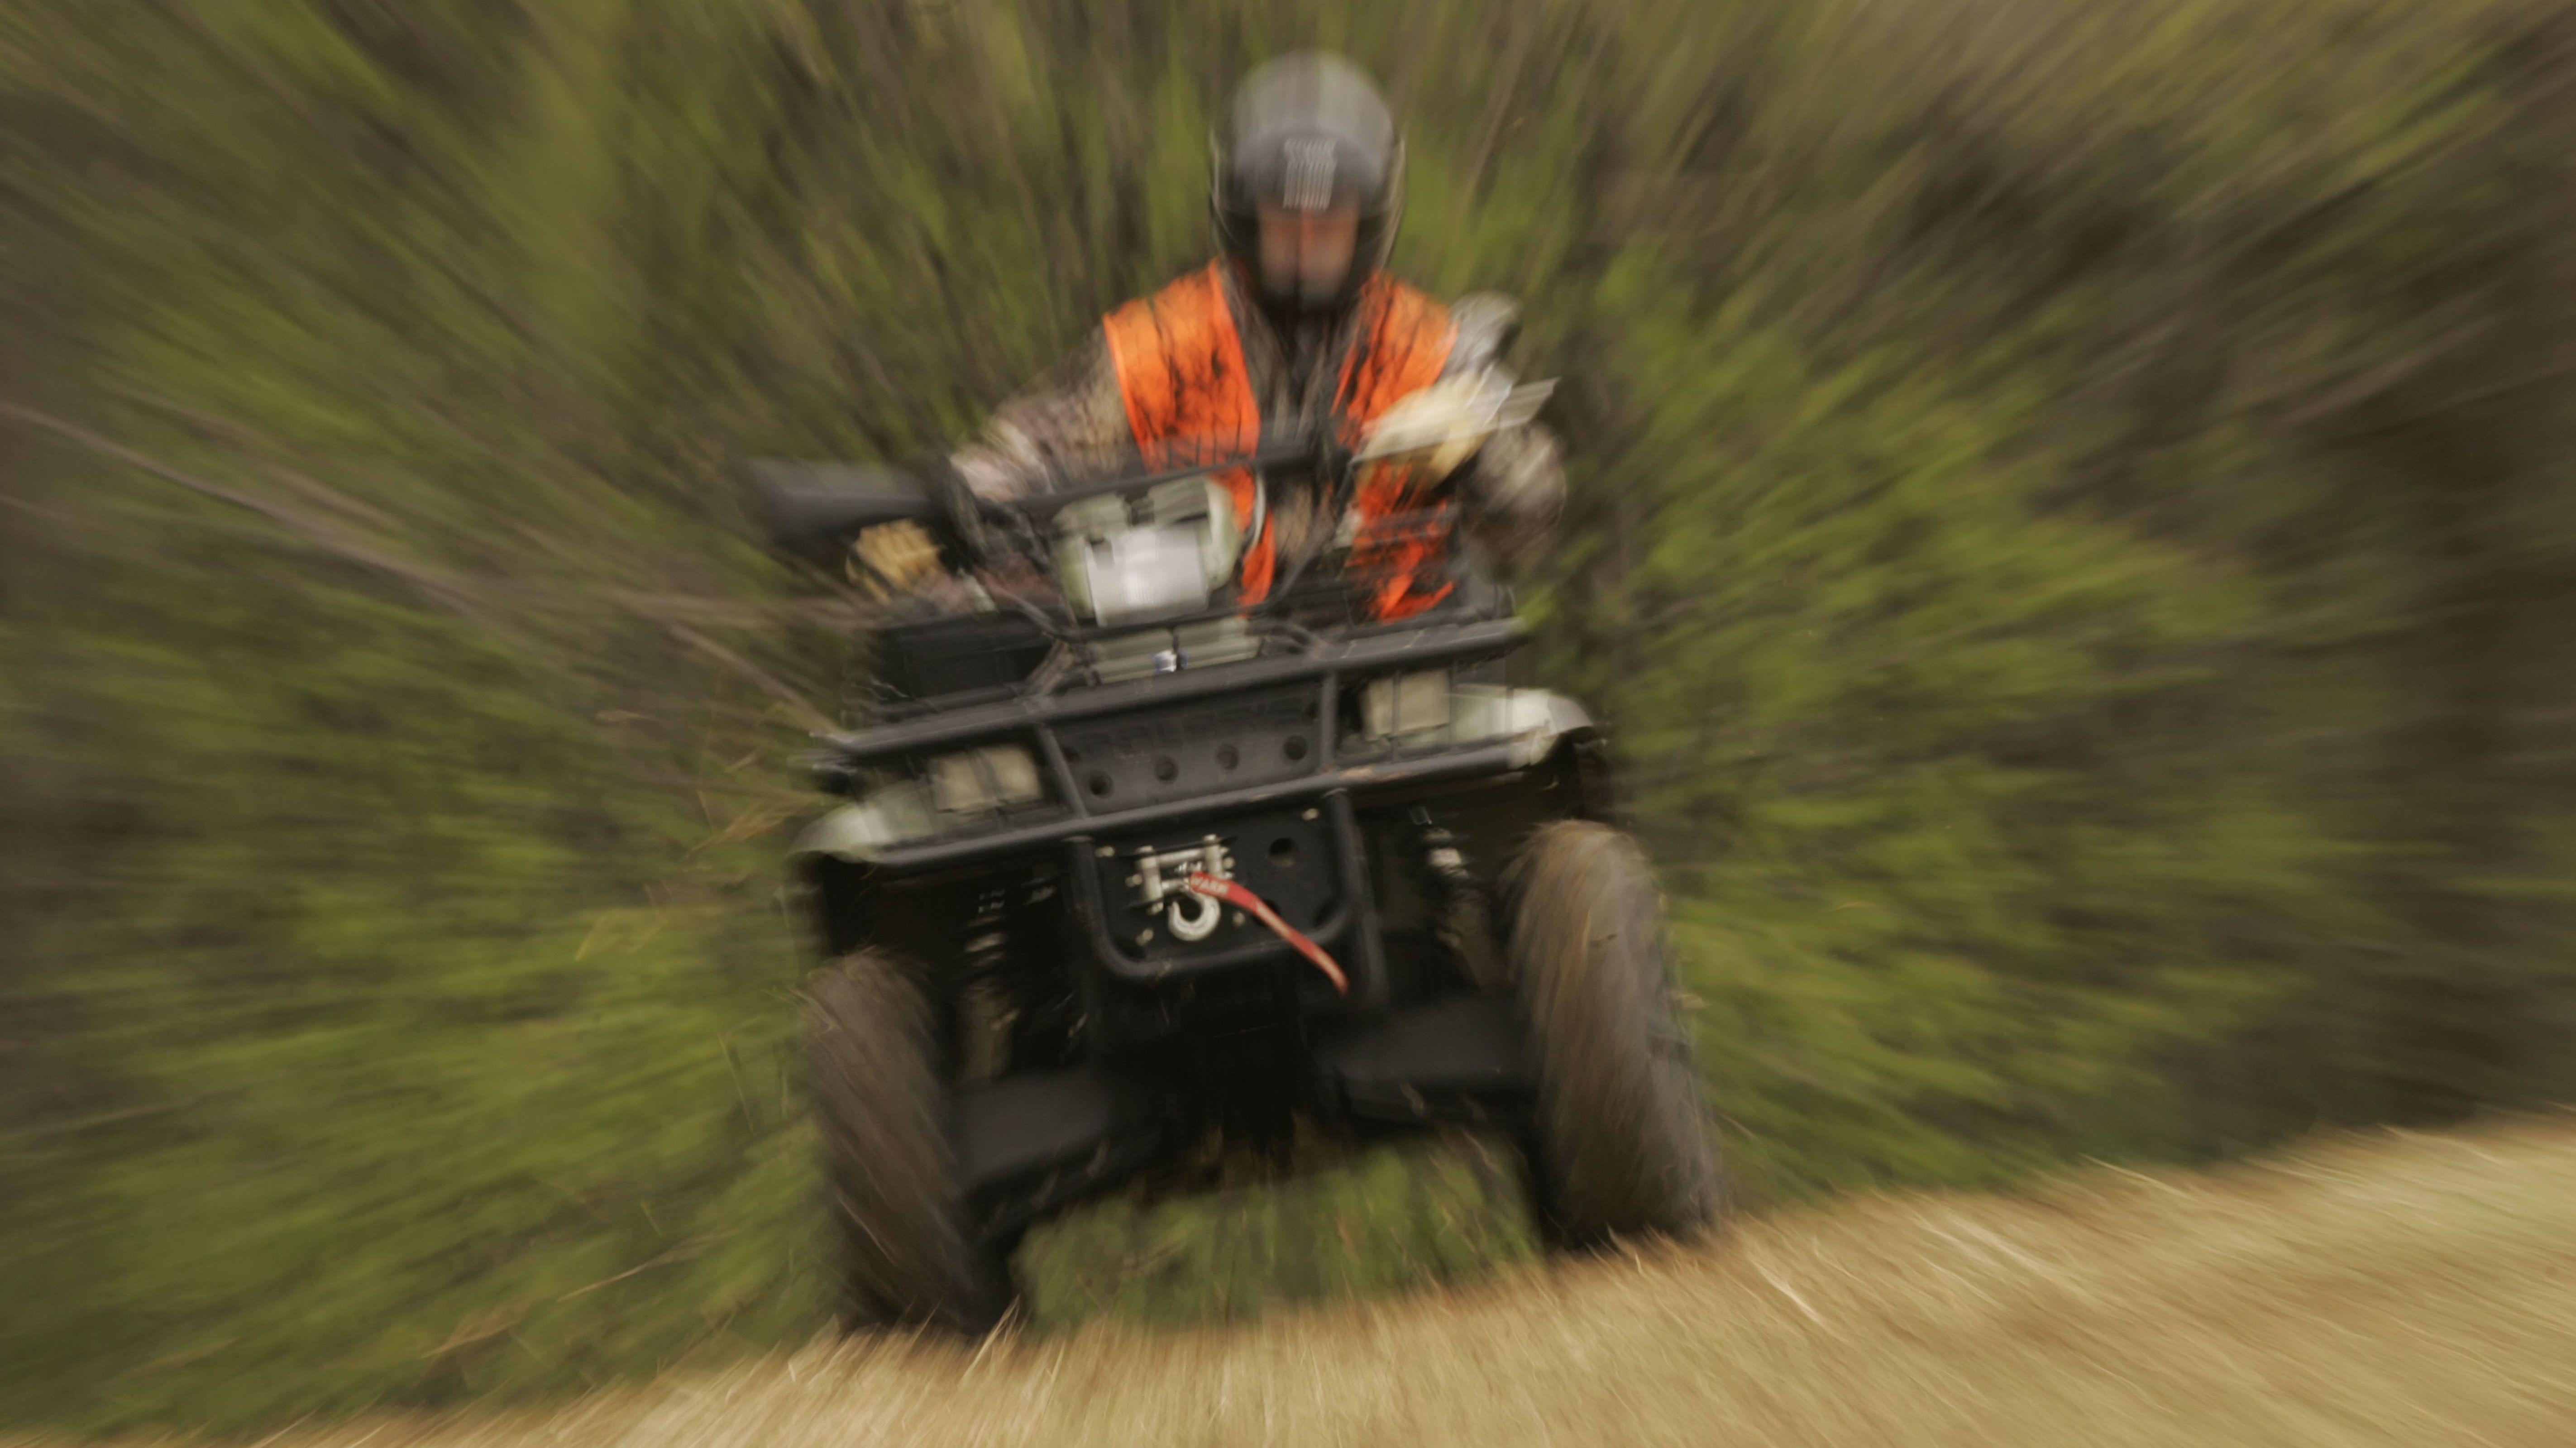 Verzerrtes Bild: Ein Mann mit oranger Warnweste fährt auf einem Quad.